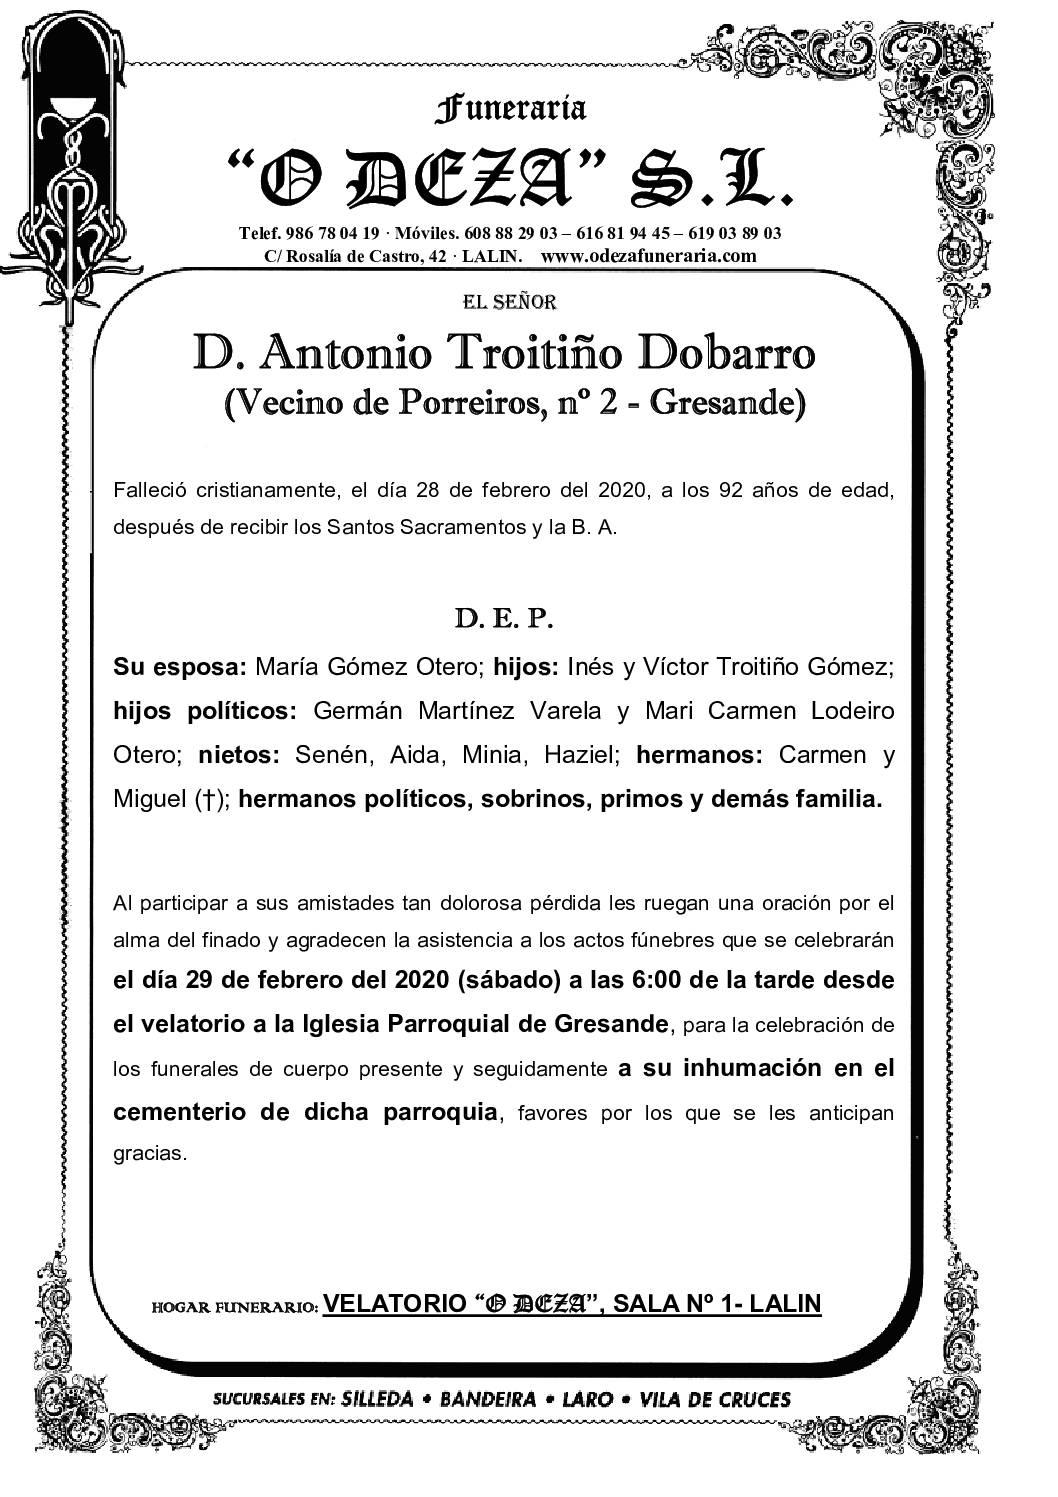 D. ANTONIO TROITIÑO DOBARRO